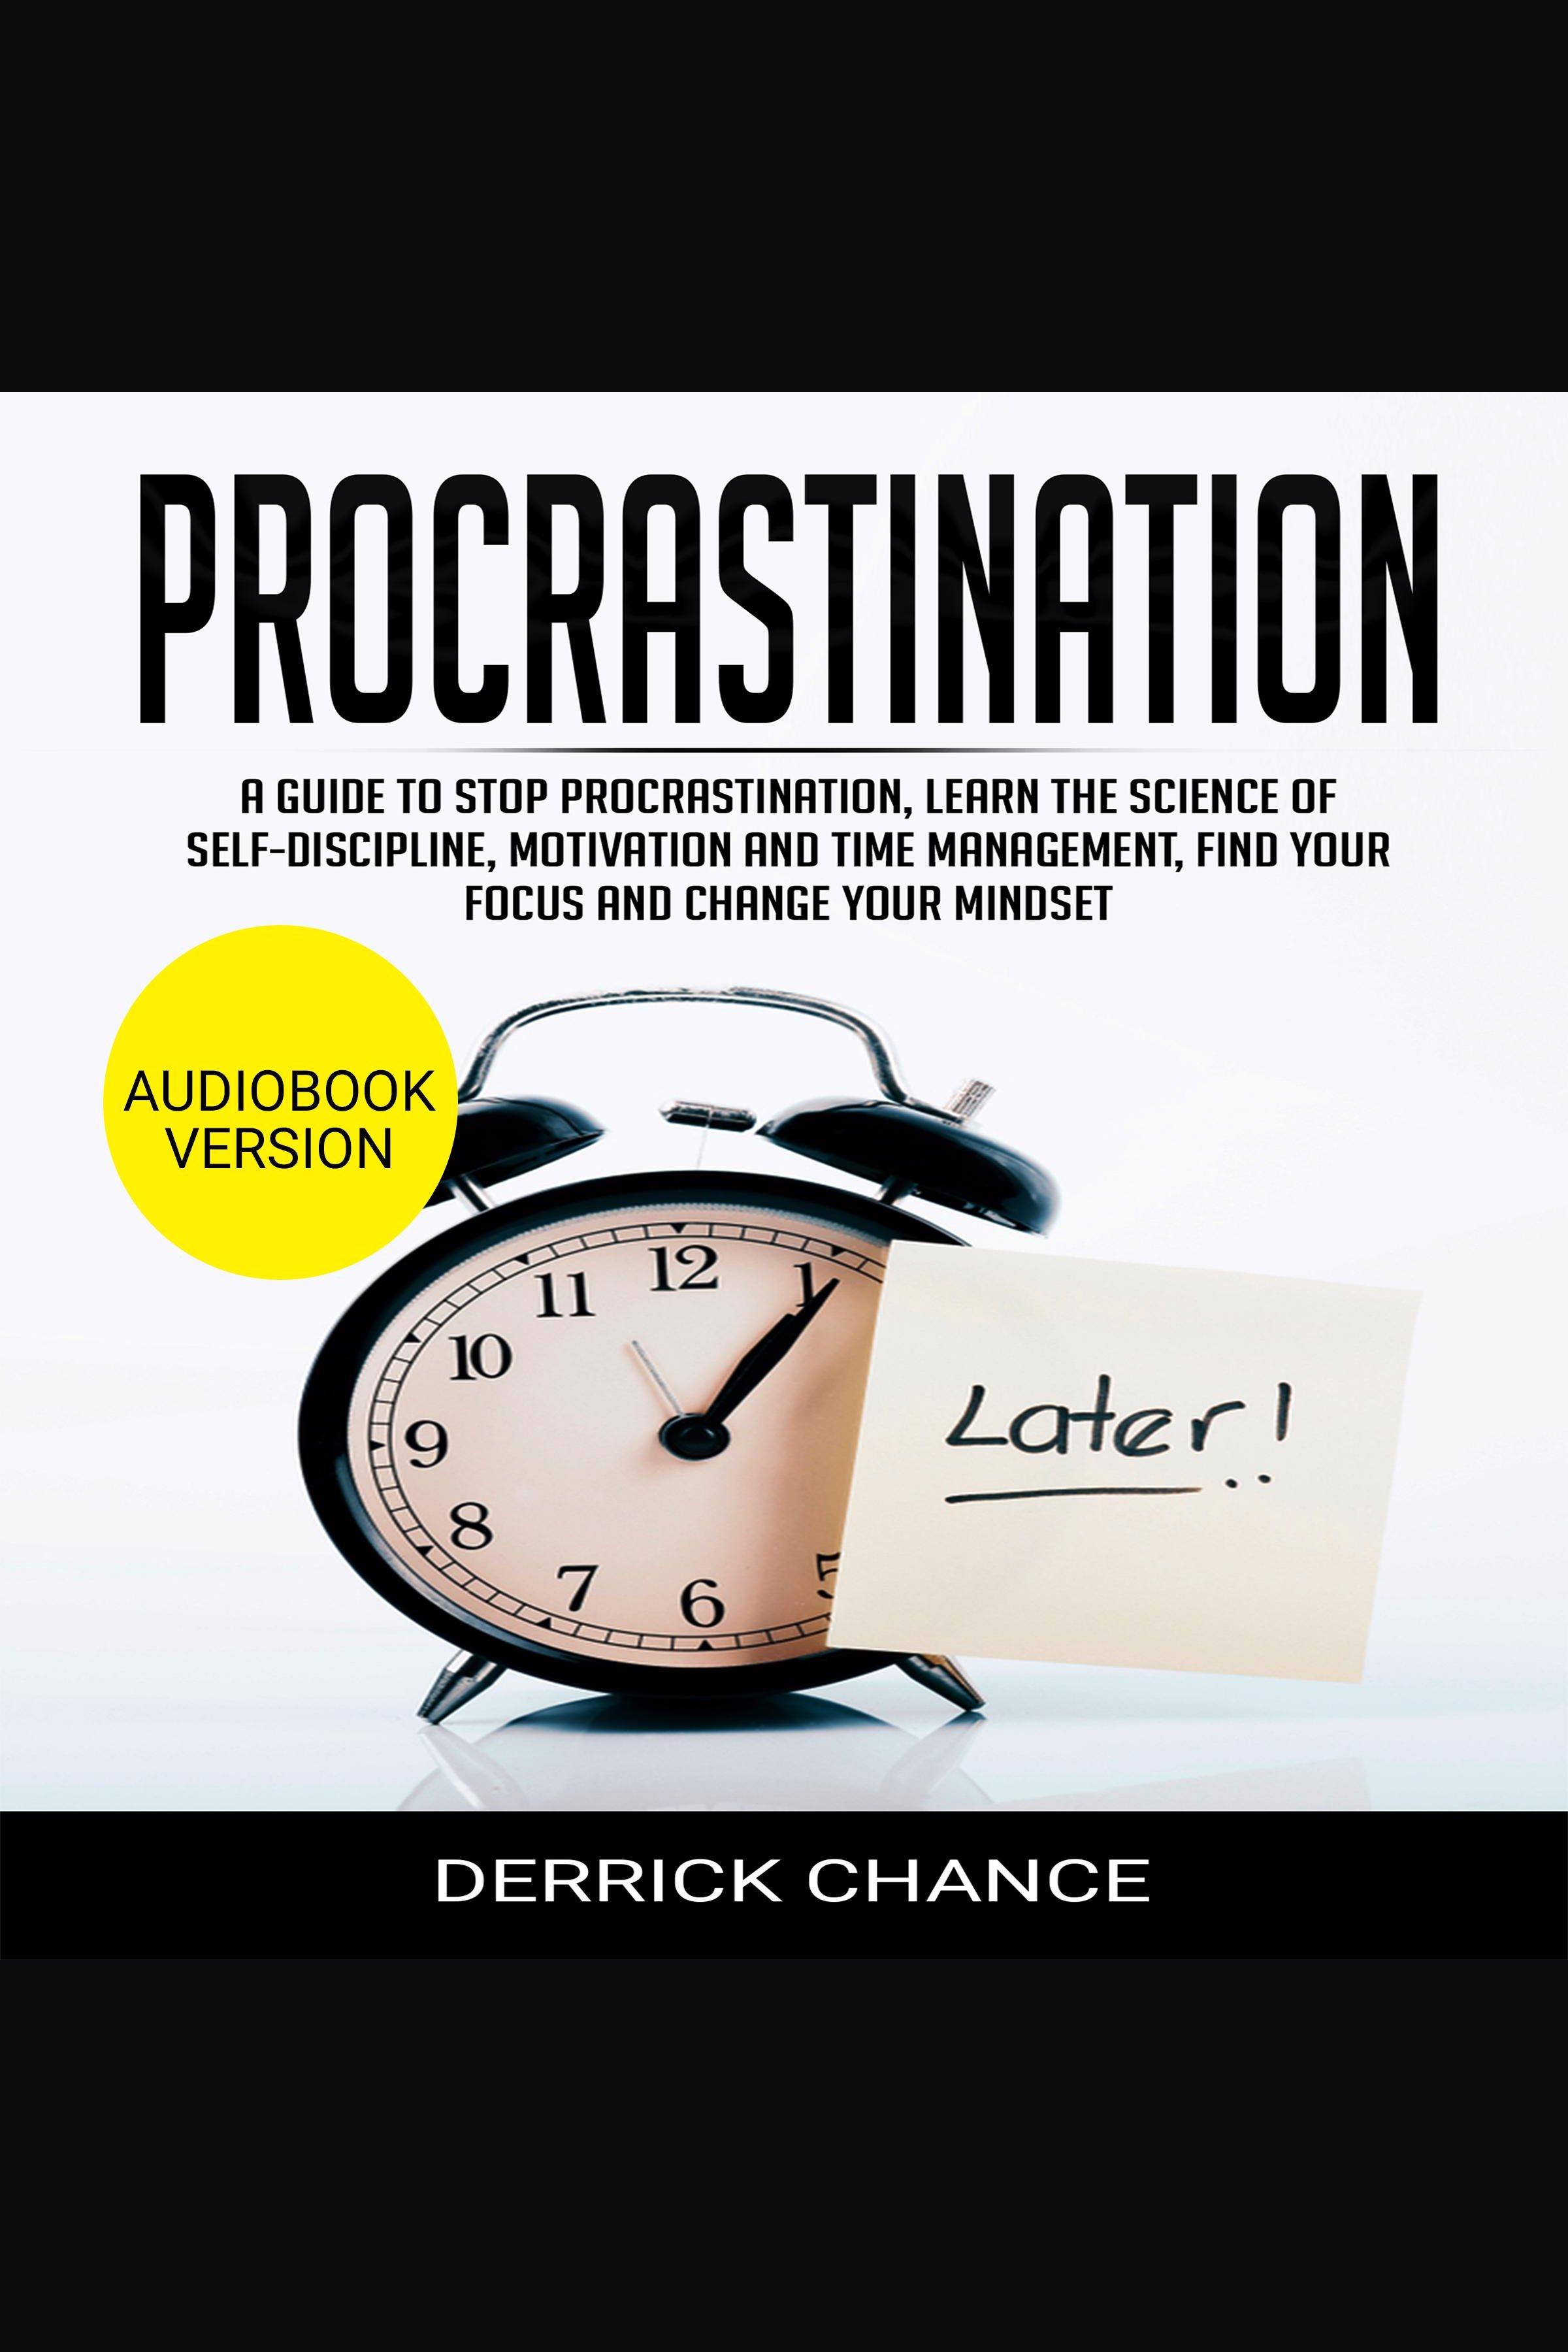 Esta es la portada del audiolibro Procrastination